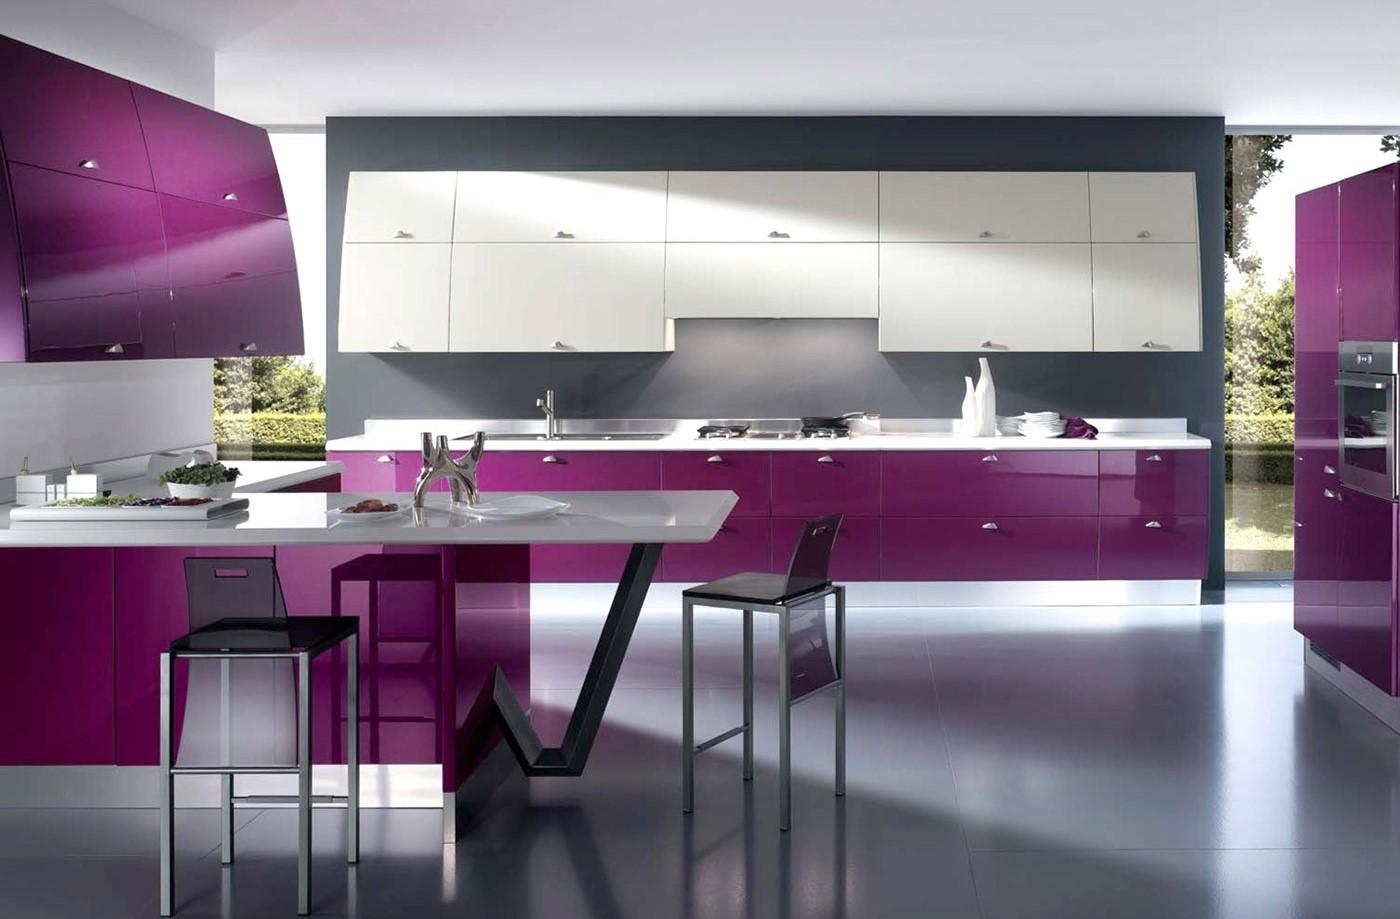 кухонные гарнитуры сиреневого цвета фото при помощи рисования